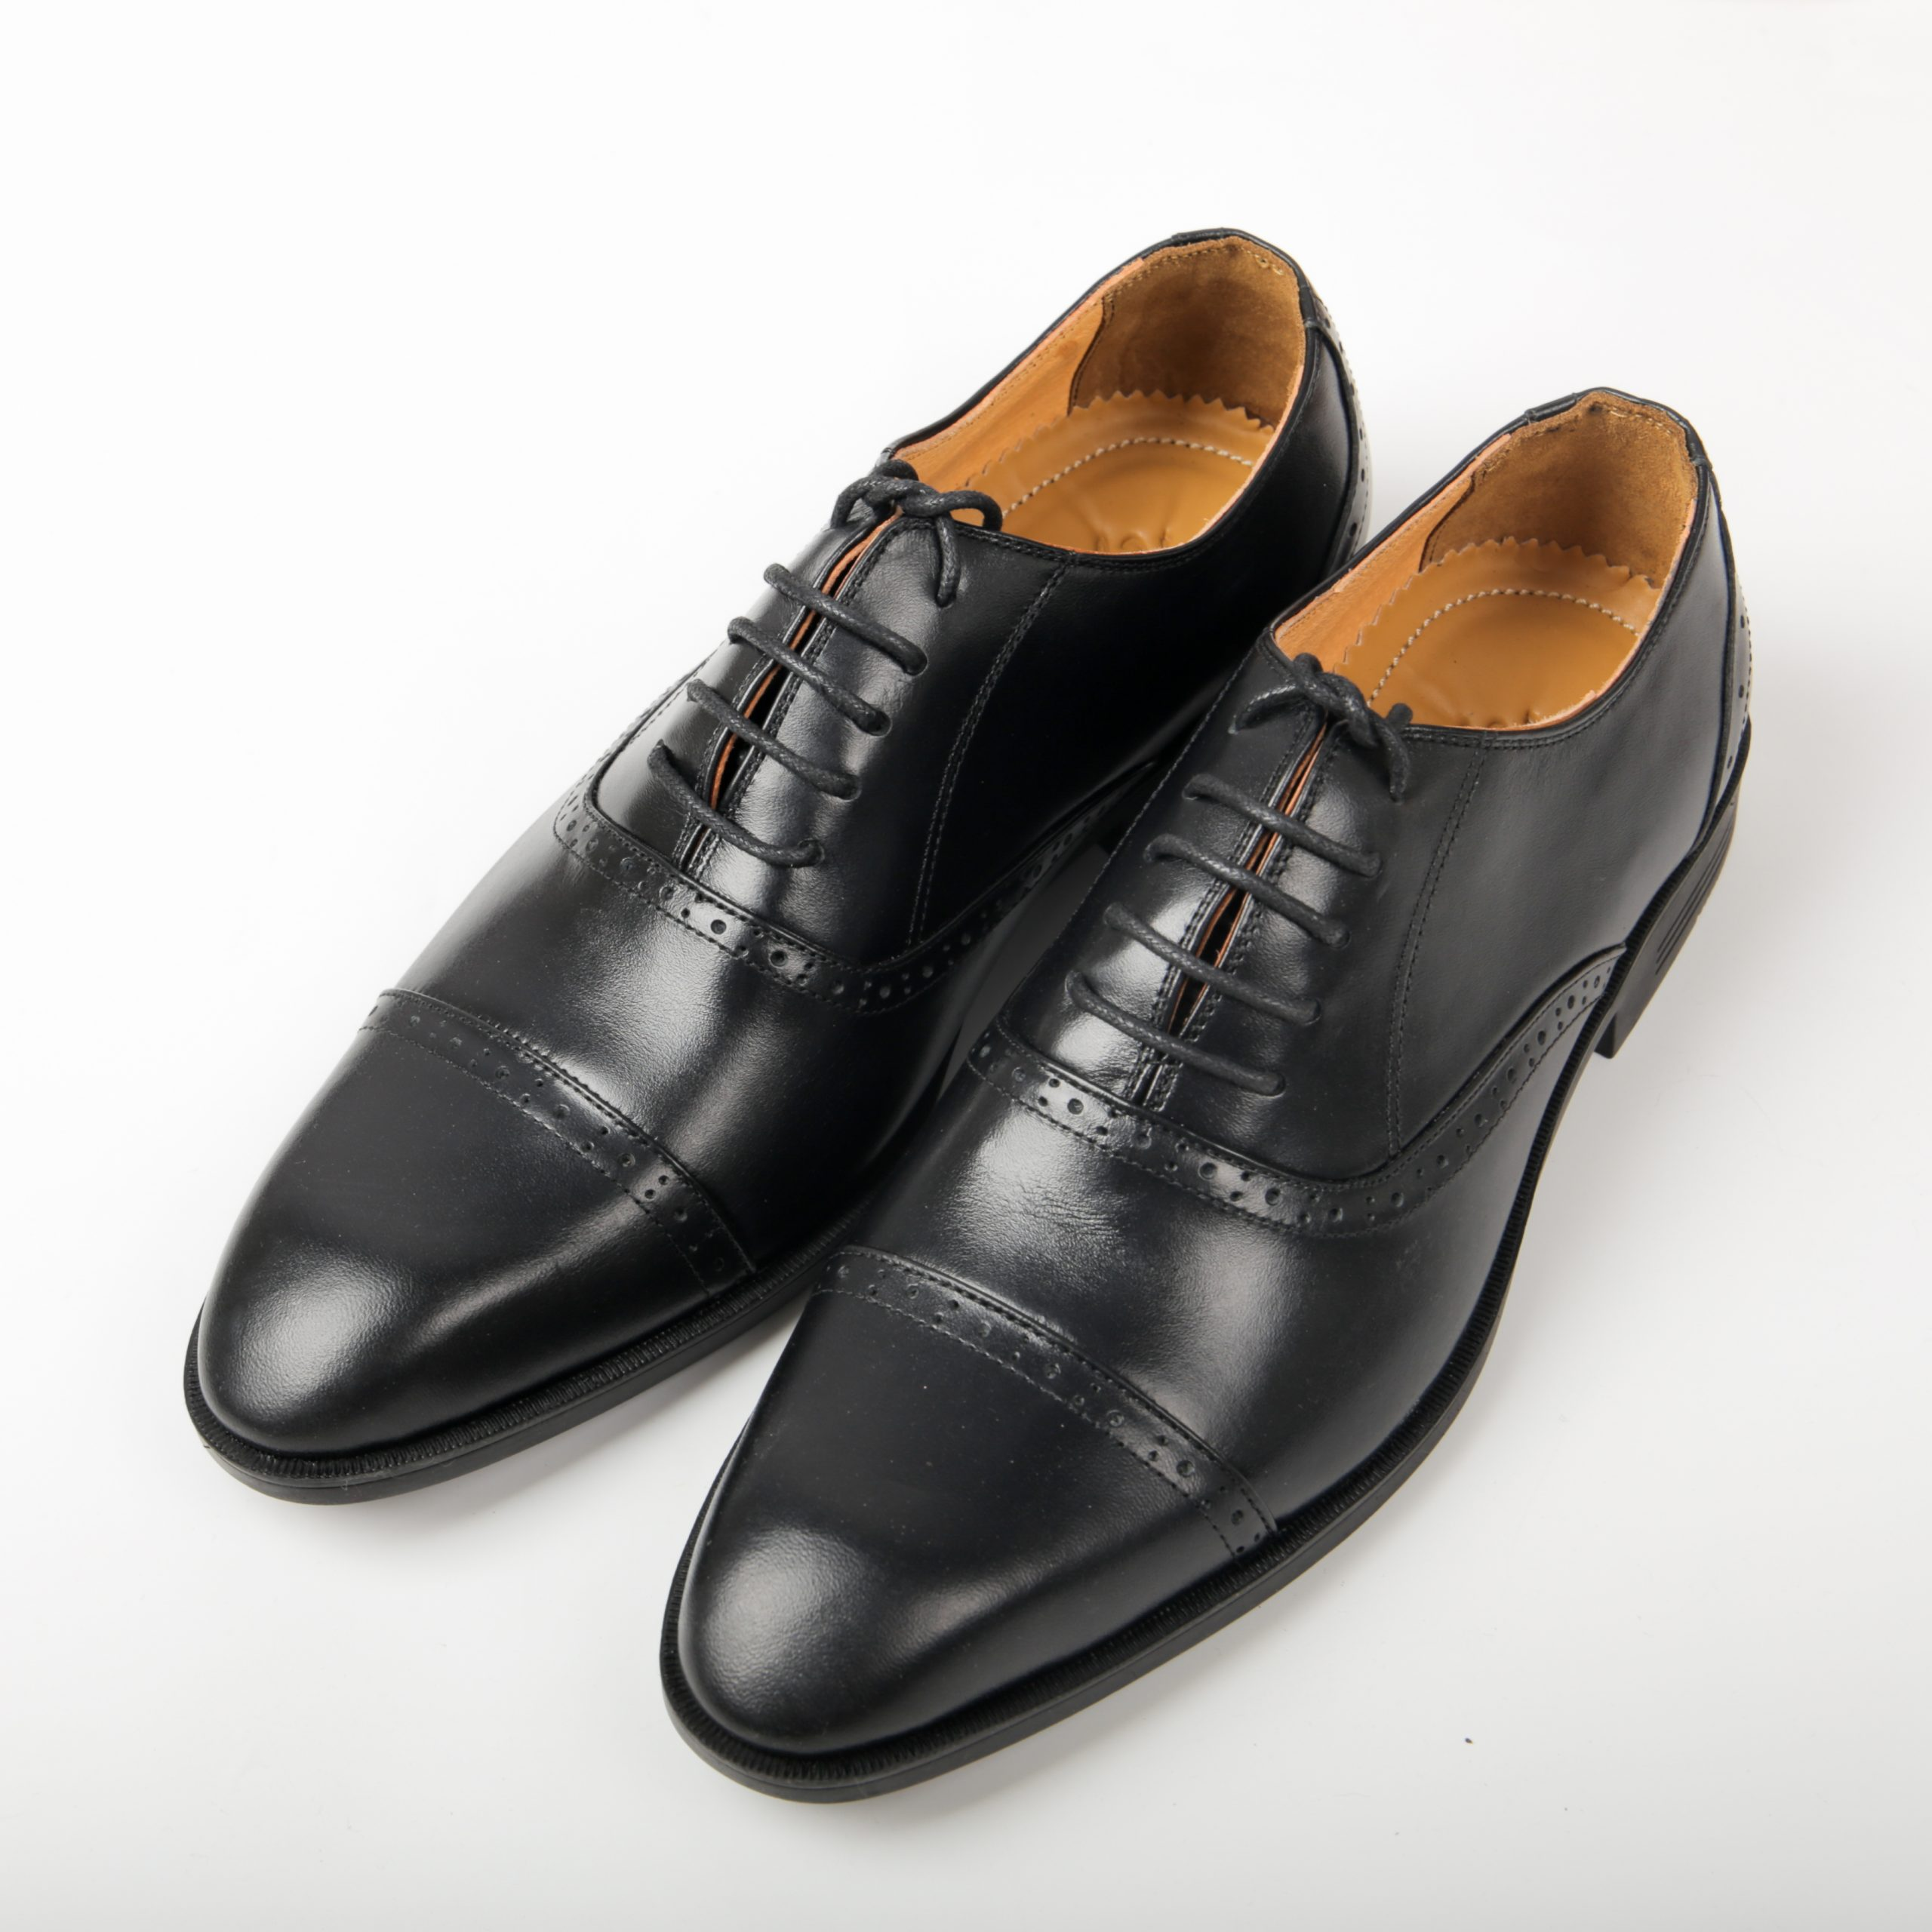 Giày Oxford là gì, nguồn gốc và lịch sử